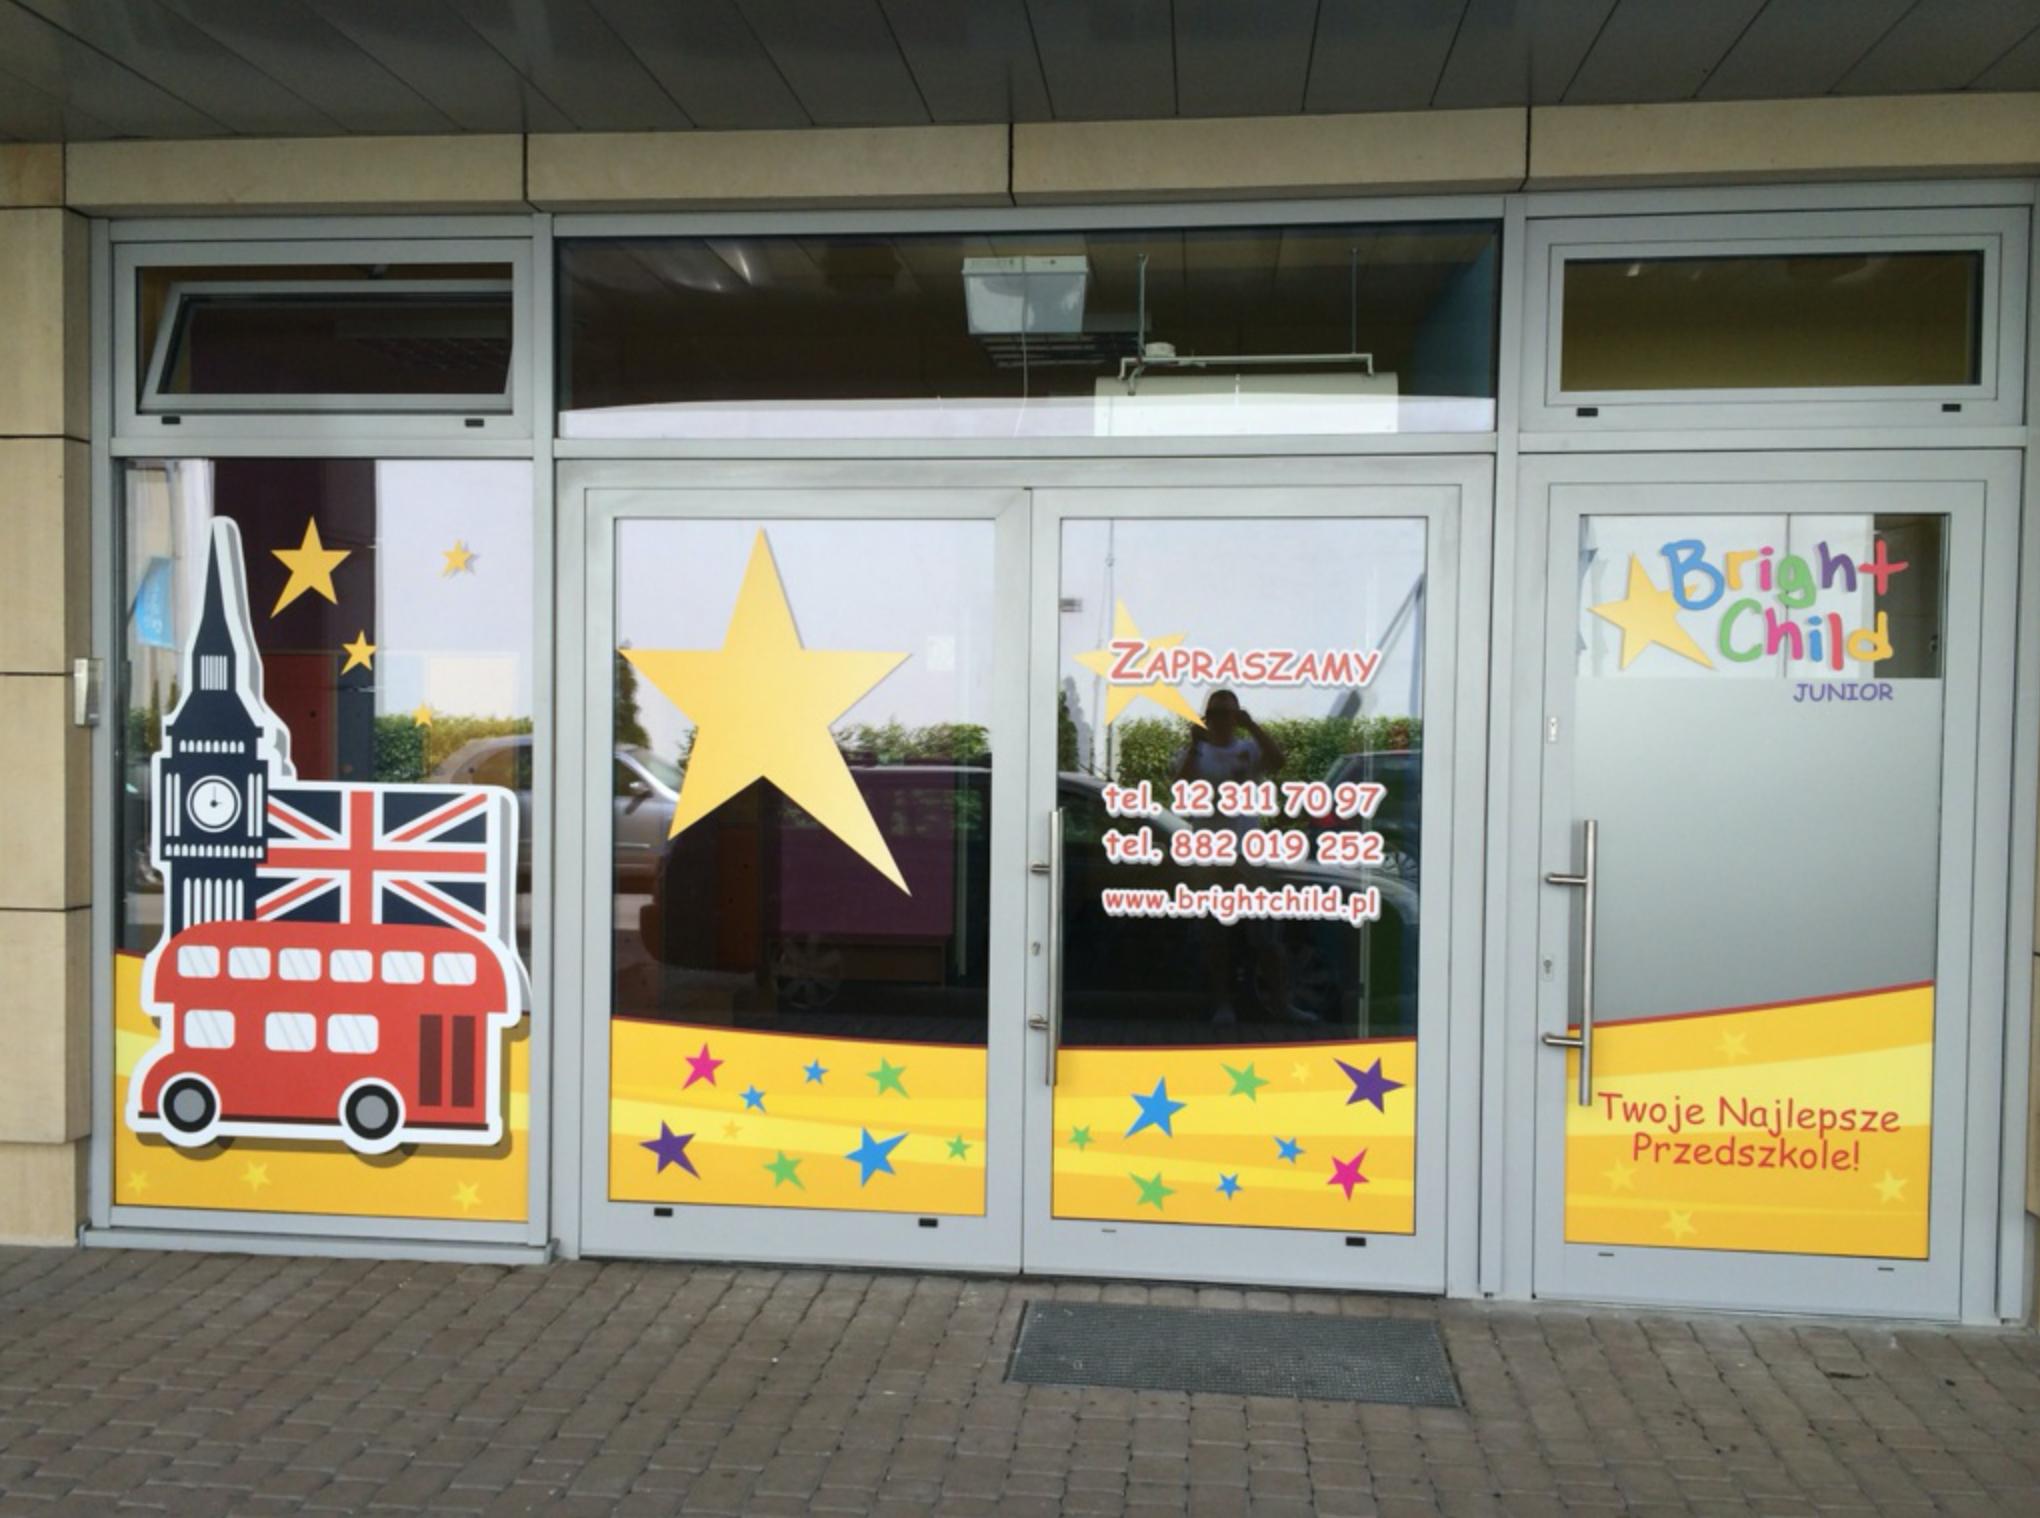 dekoracje na okna do przedszkola